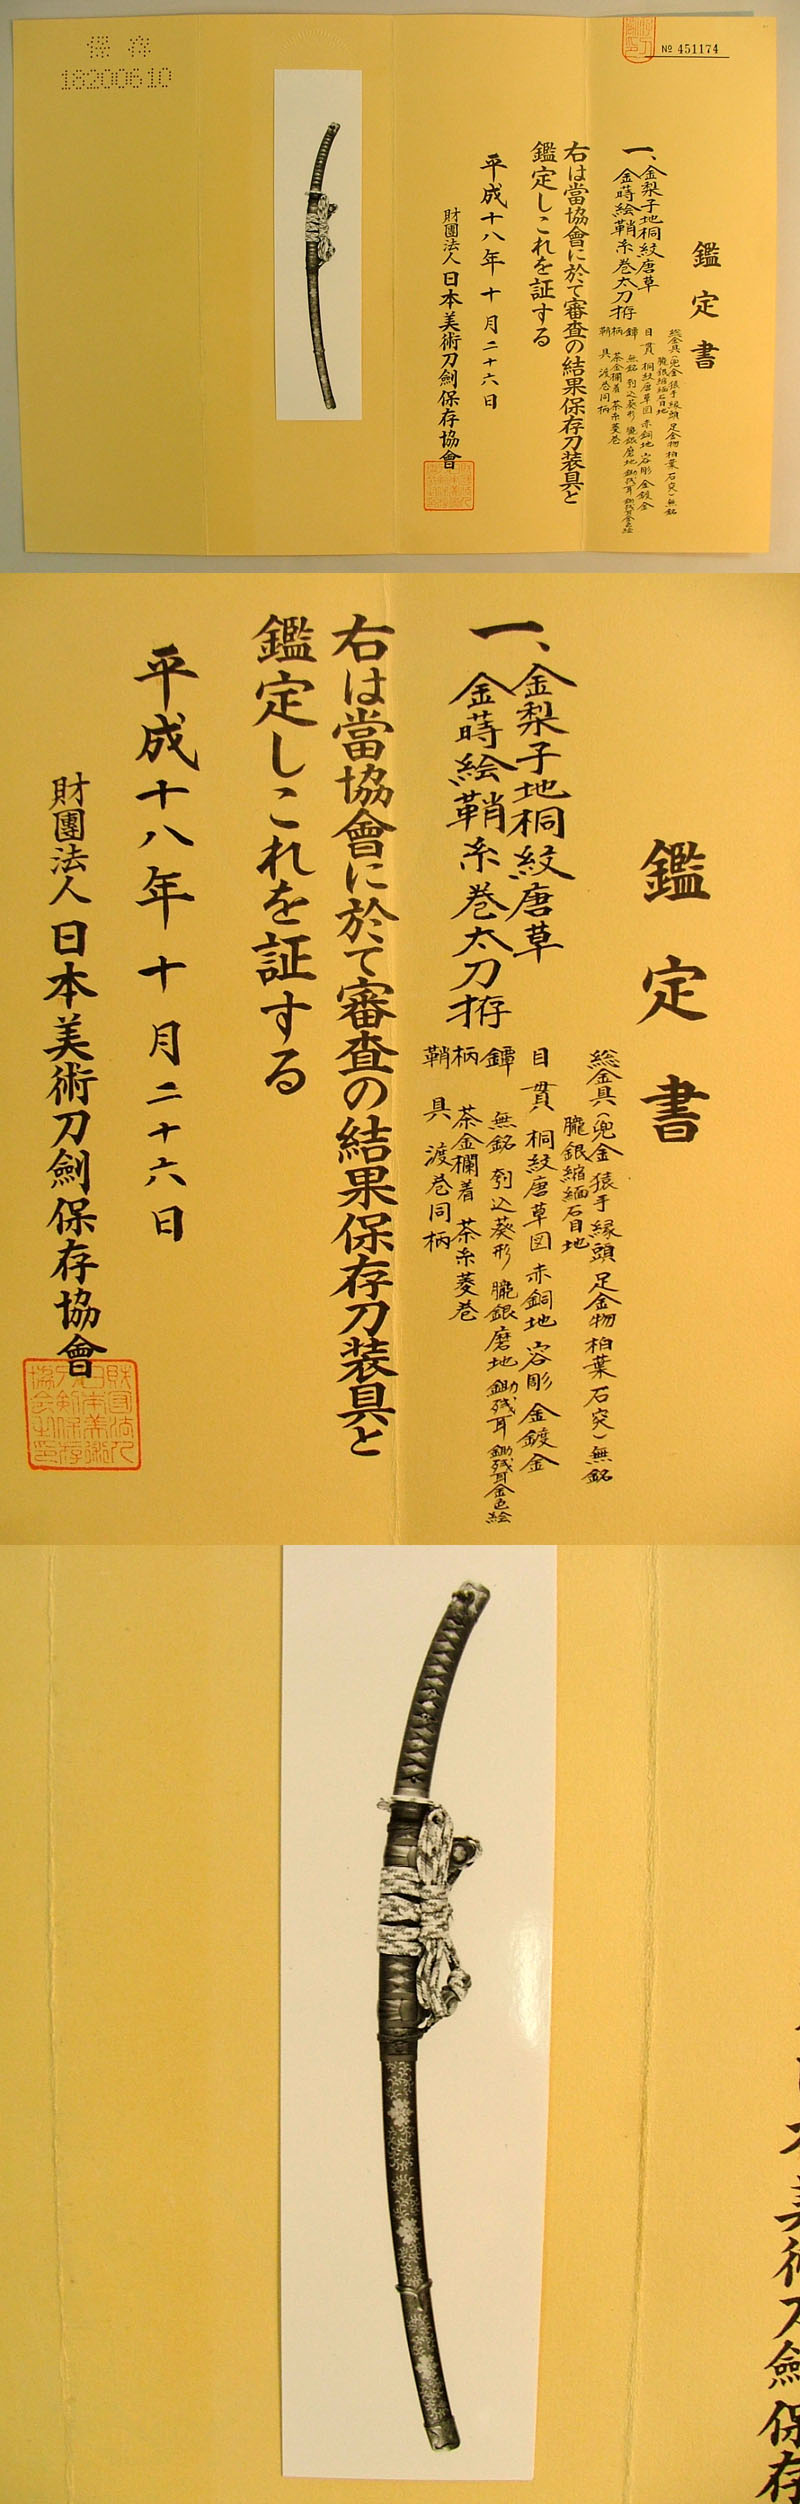 金梨子地桐紋唐草金蒔絵鞘糸巻太刀拵 Picture of Certificate